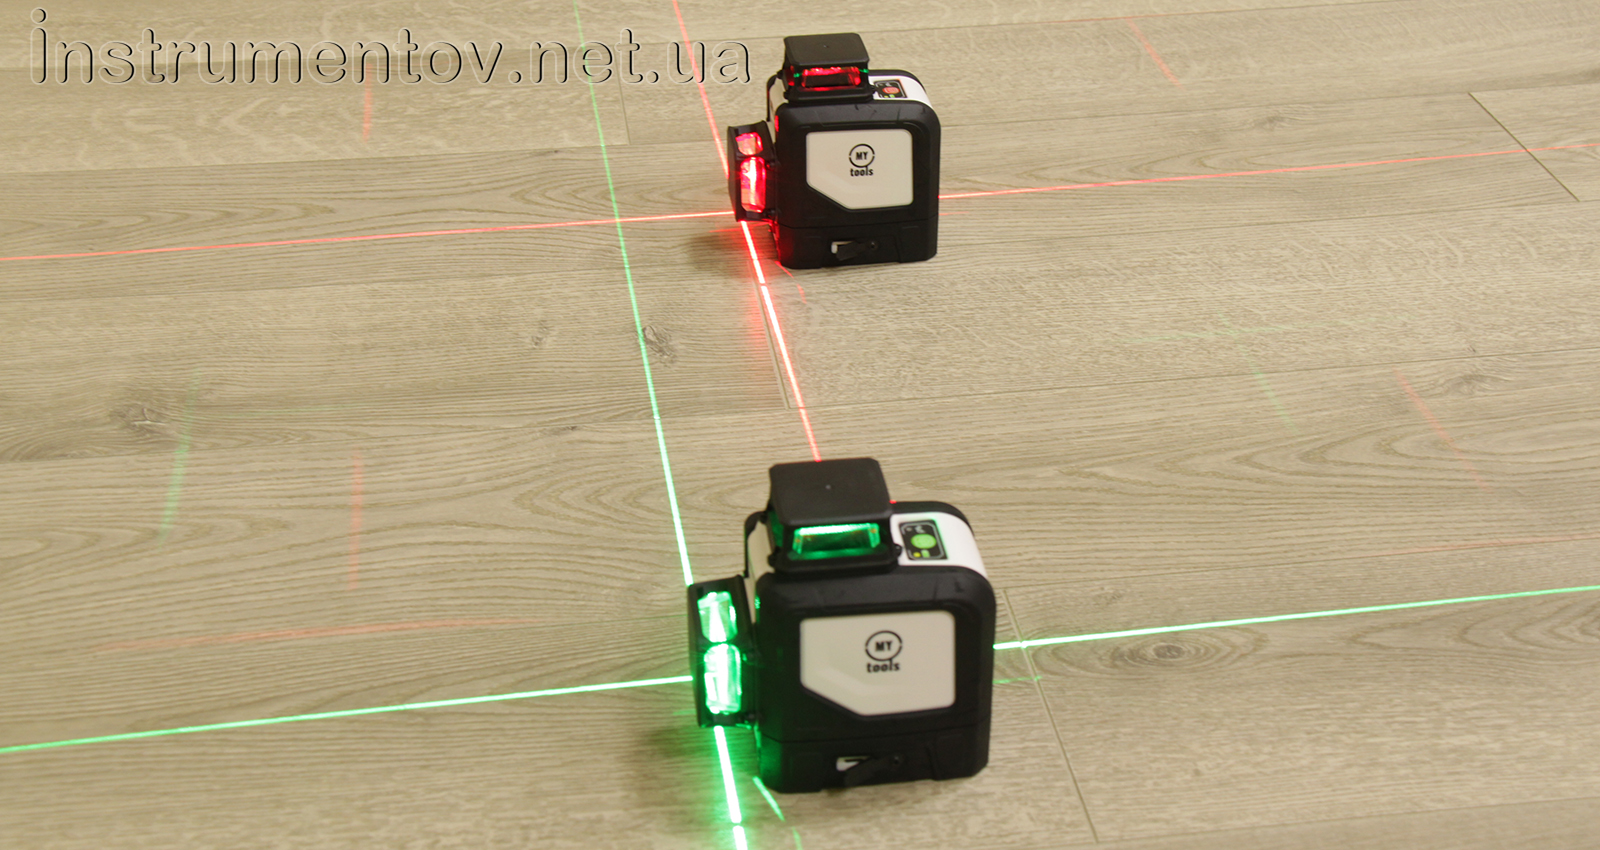 Купить лазерный нивелир My Tools 144-3G-360